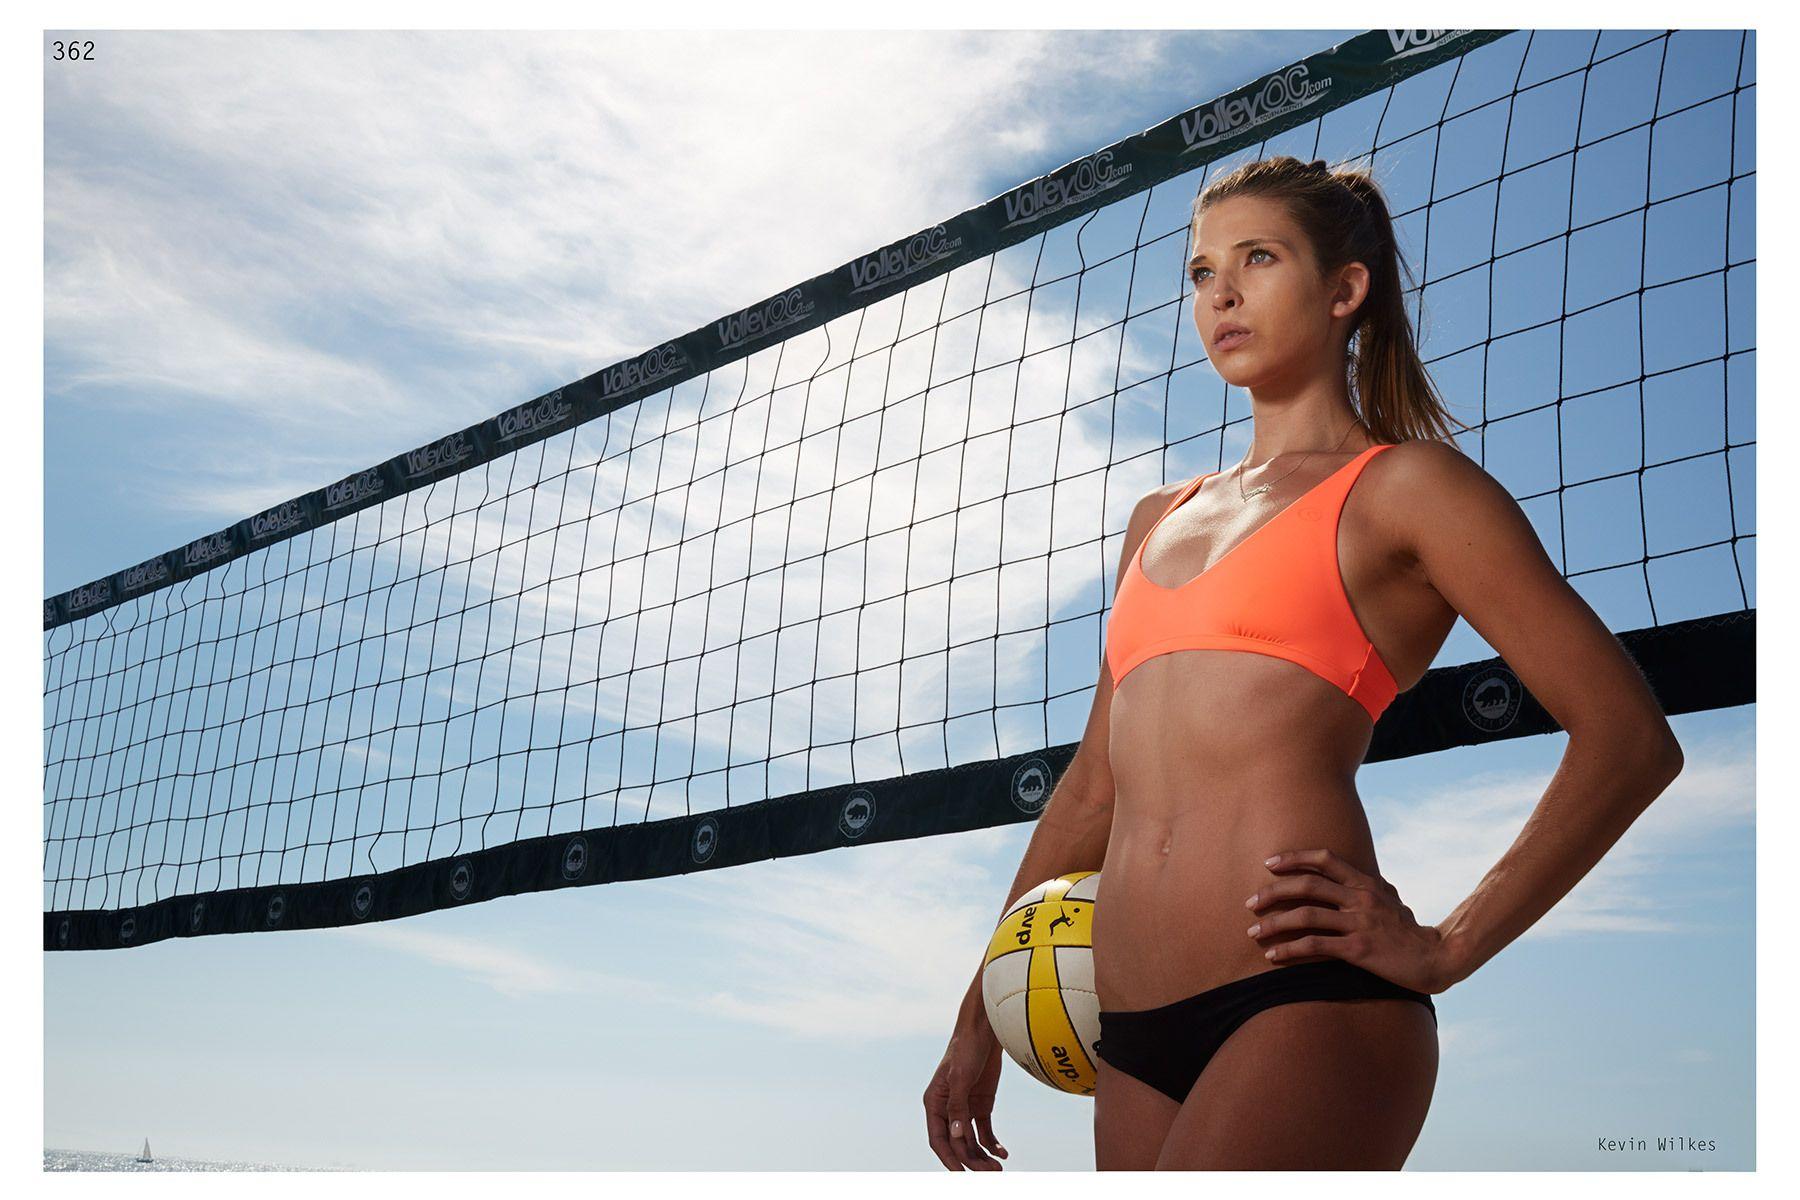 Lauren Sieckman. Pro beach vollyball player.